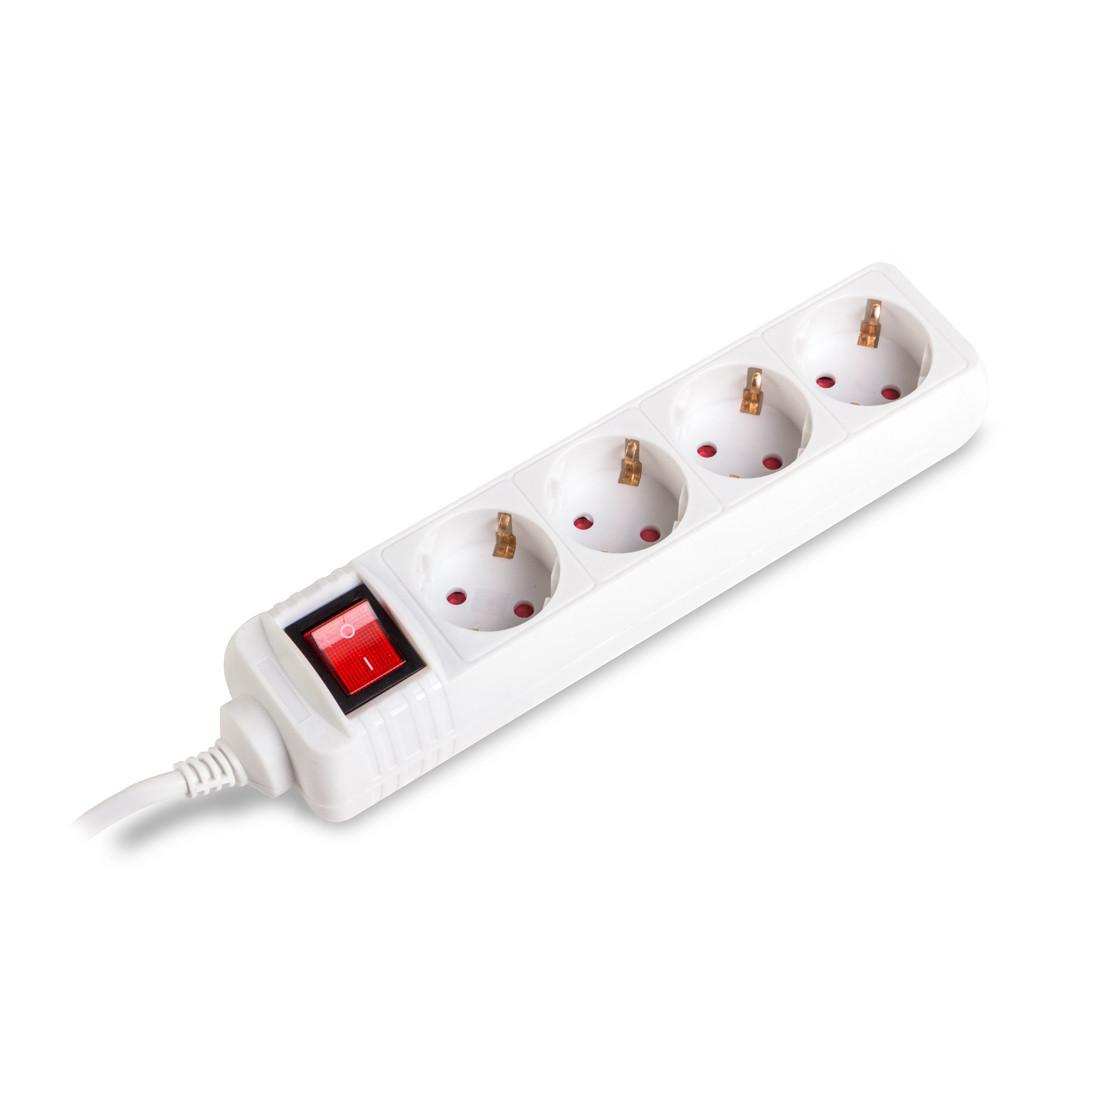 Удлинитель iPower L4S10m 4 розетки 10 м. 220-240V 10A Белый